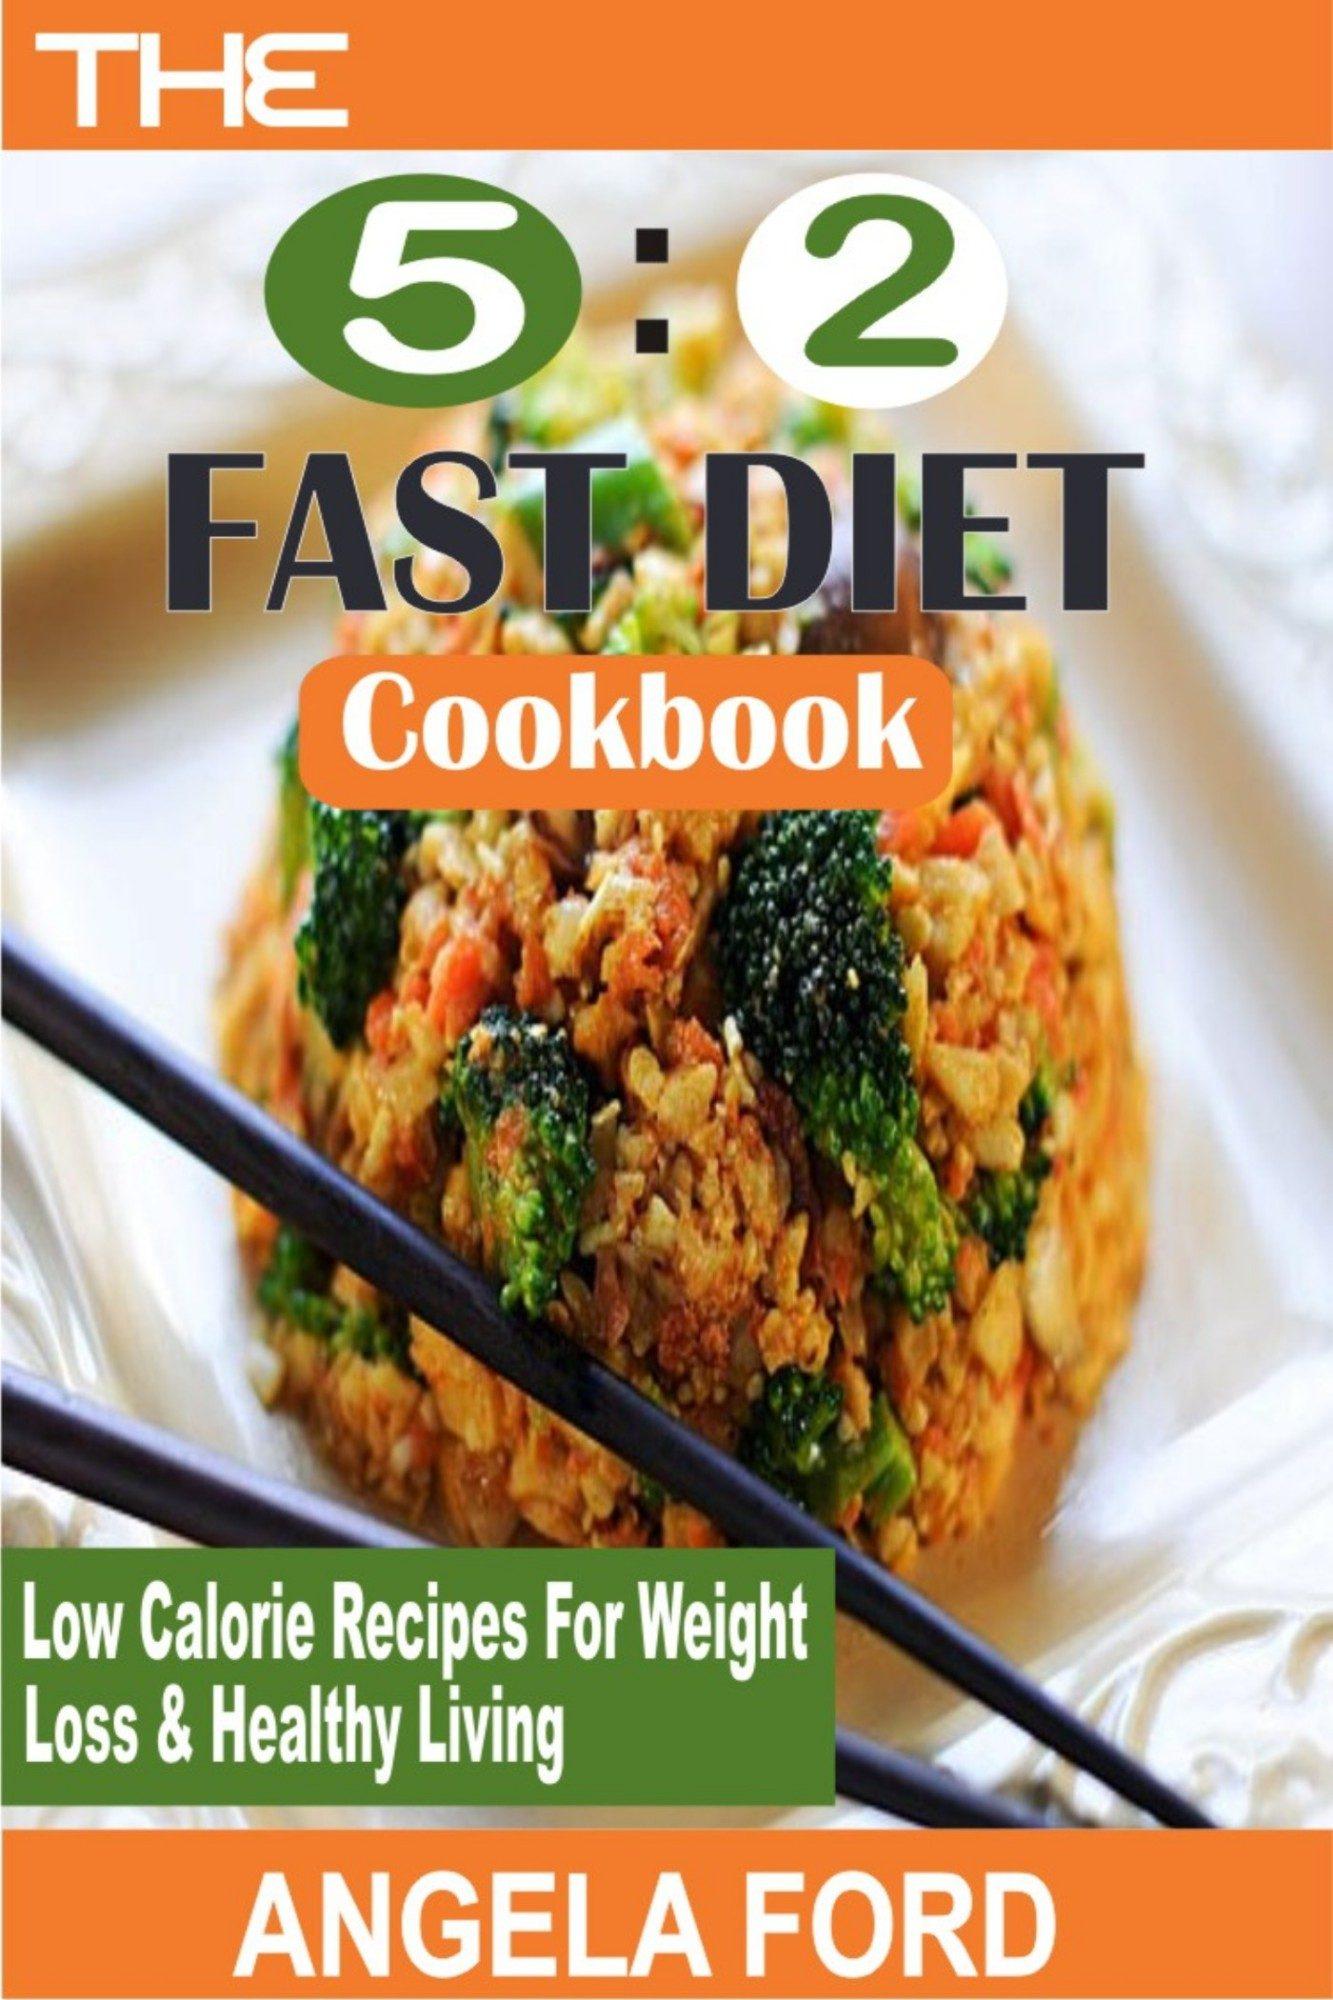 The 52 fast diet cookbook ebook descargar libro pdf o epub the 52 fast diet cookbook ebook 6610000003112 forumfinder Gallery